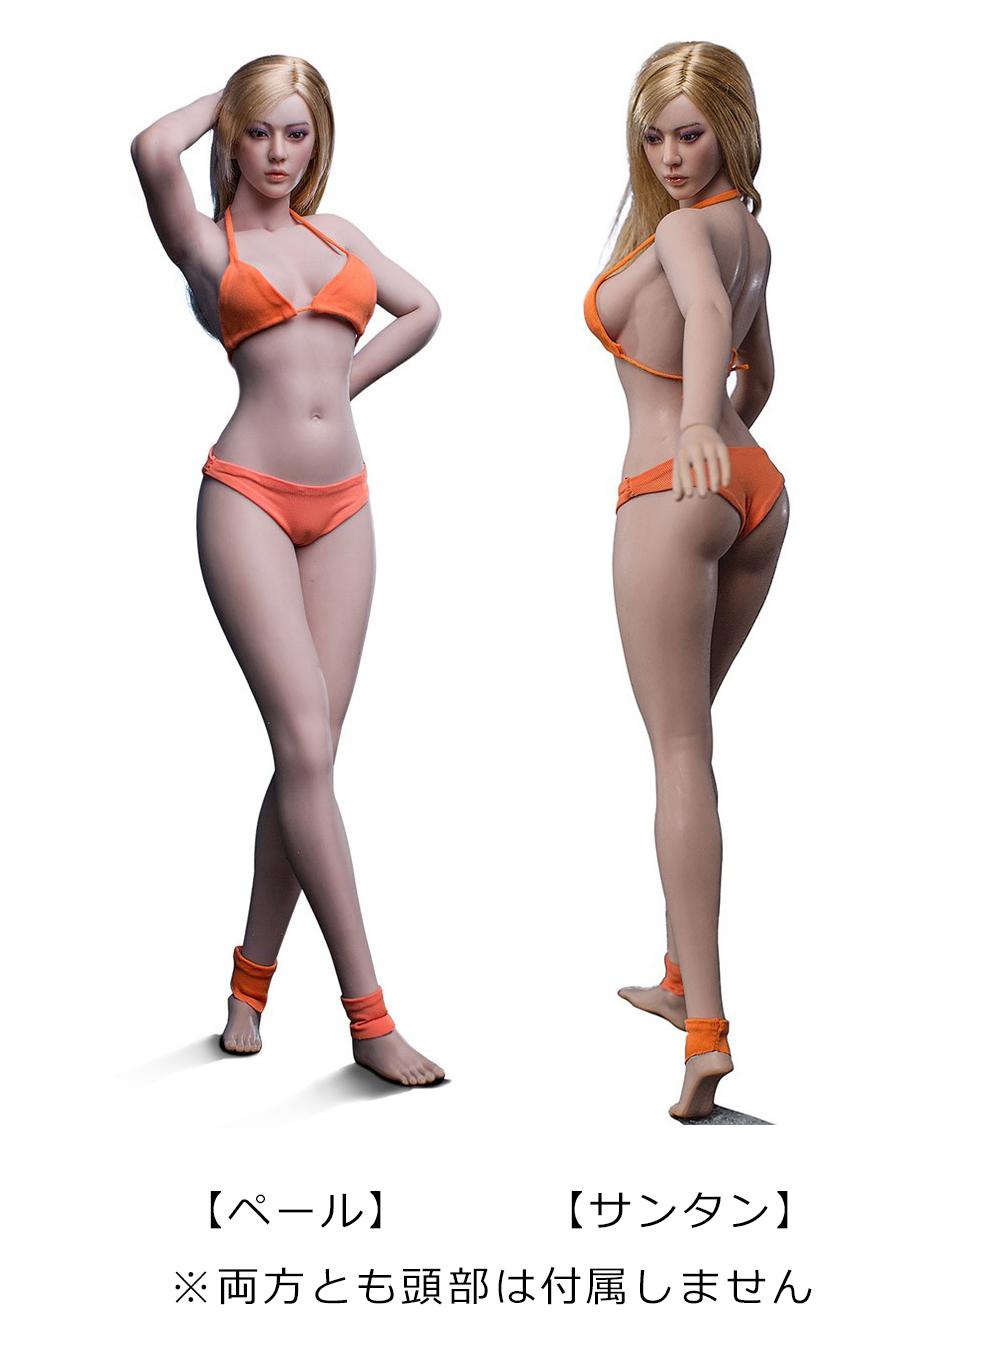 と モデル は 体型